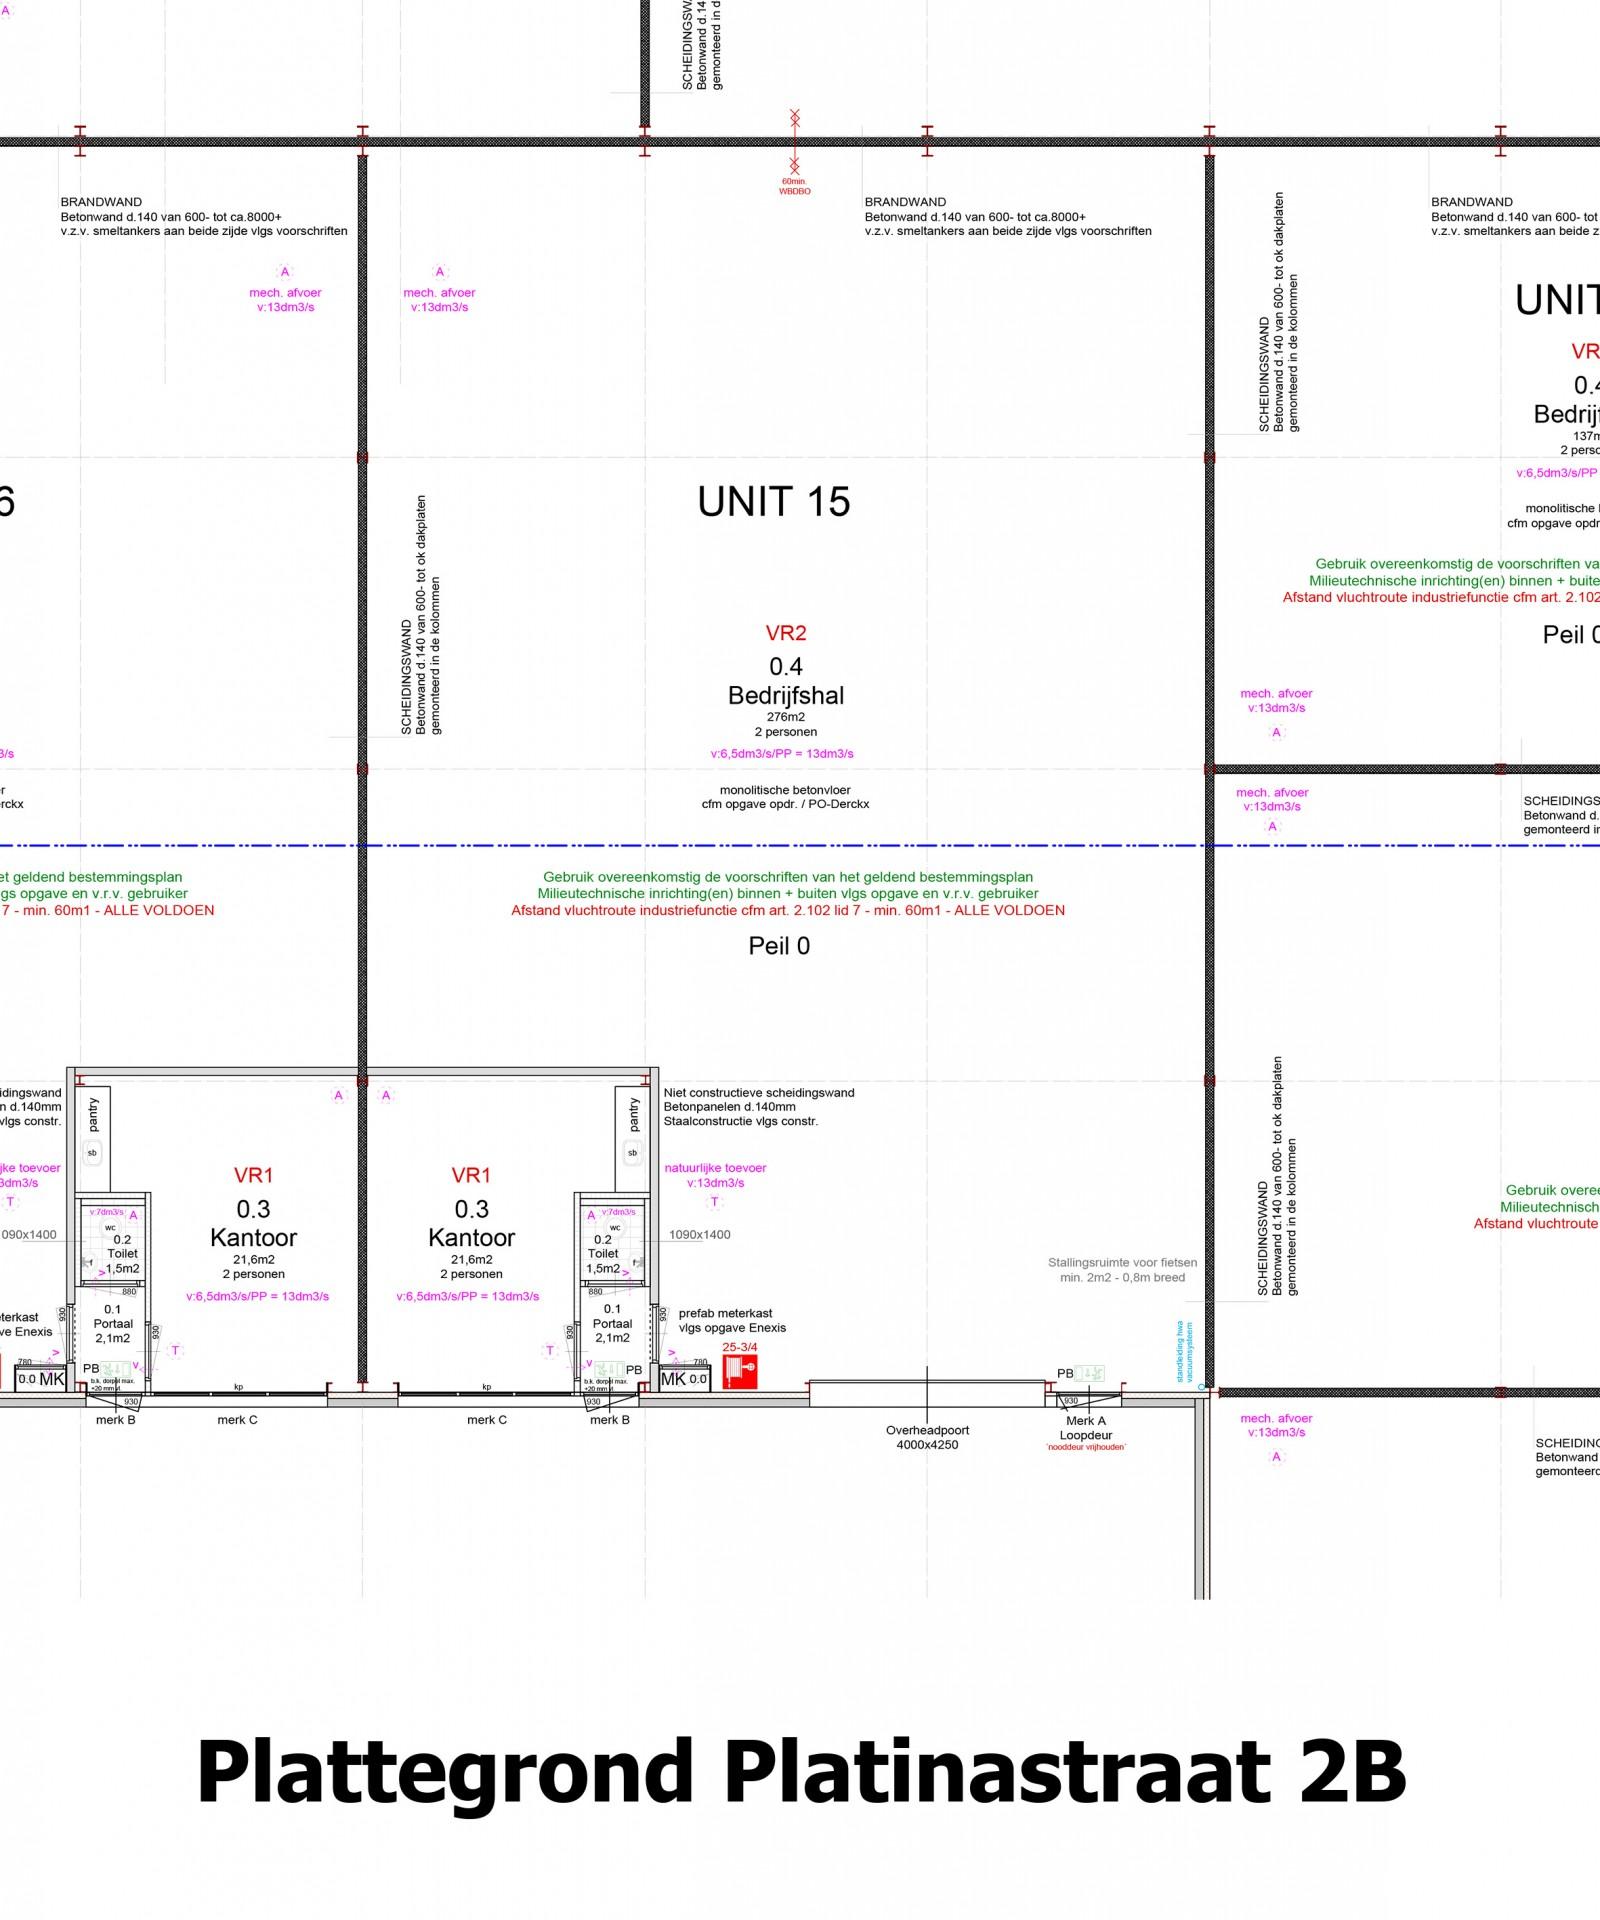 Plattegrond Platinastraat 2 B